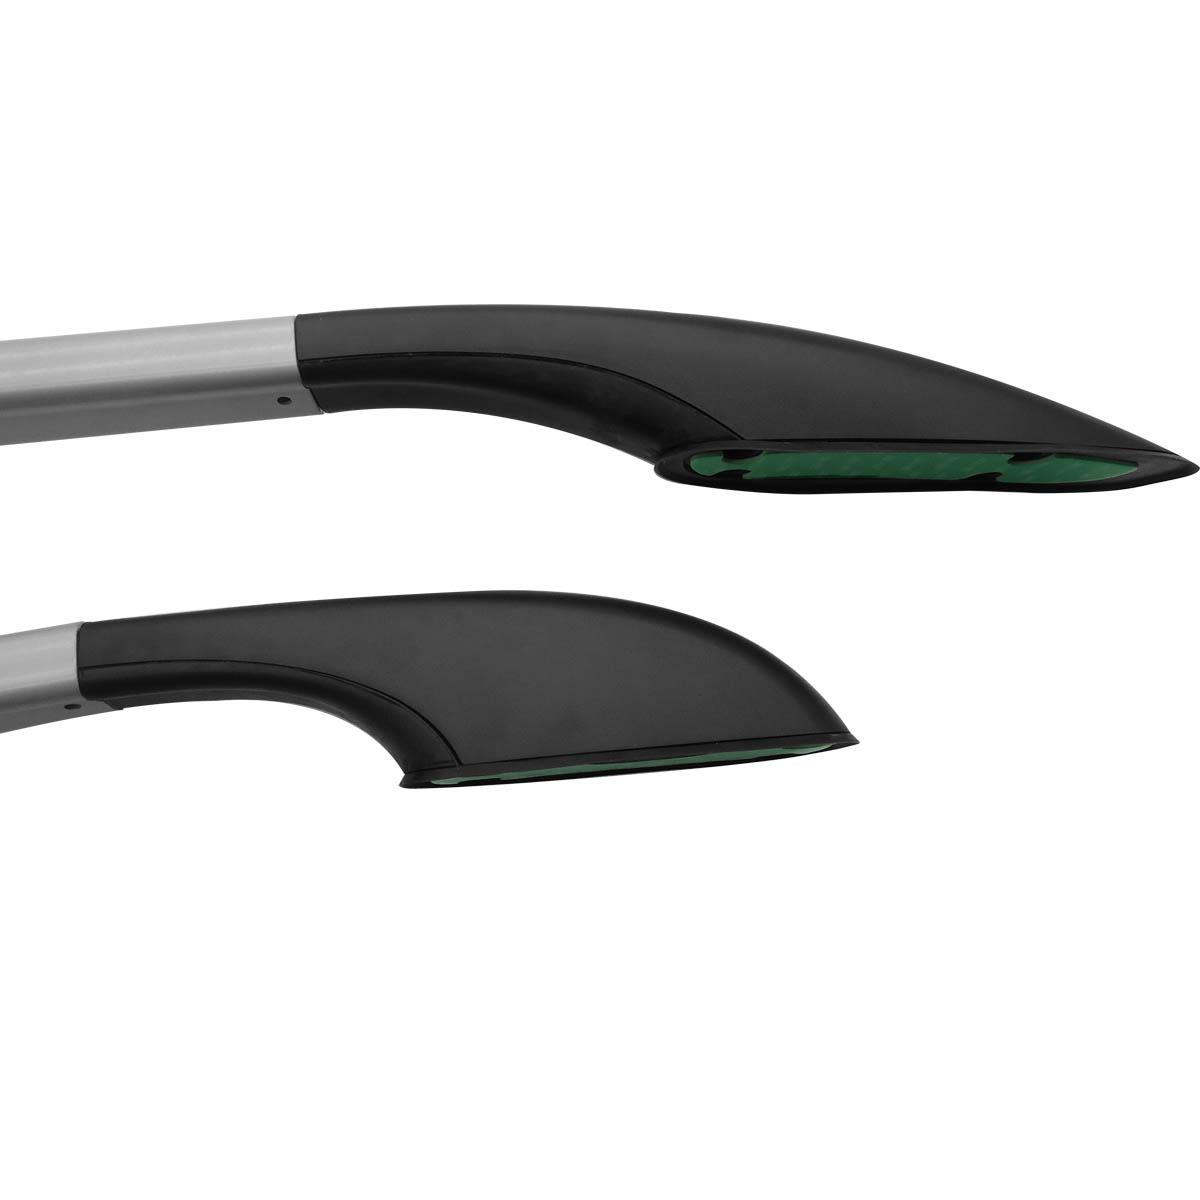 Longarina de teto VF colada prata Onix 2013 a 2019 ou Joy 2020